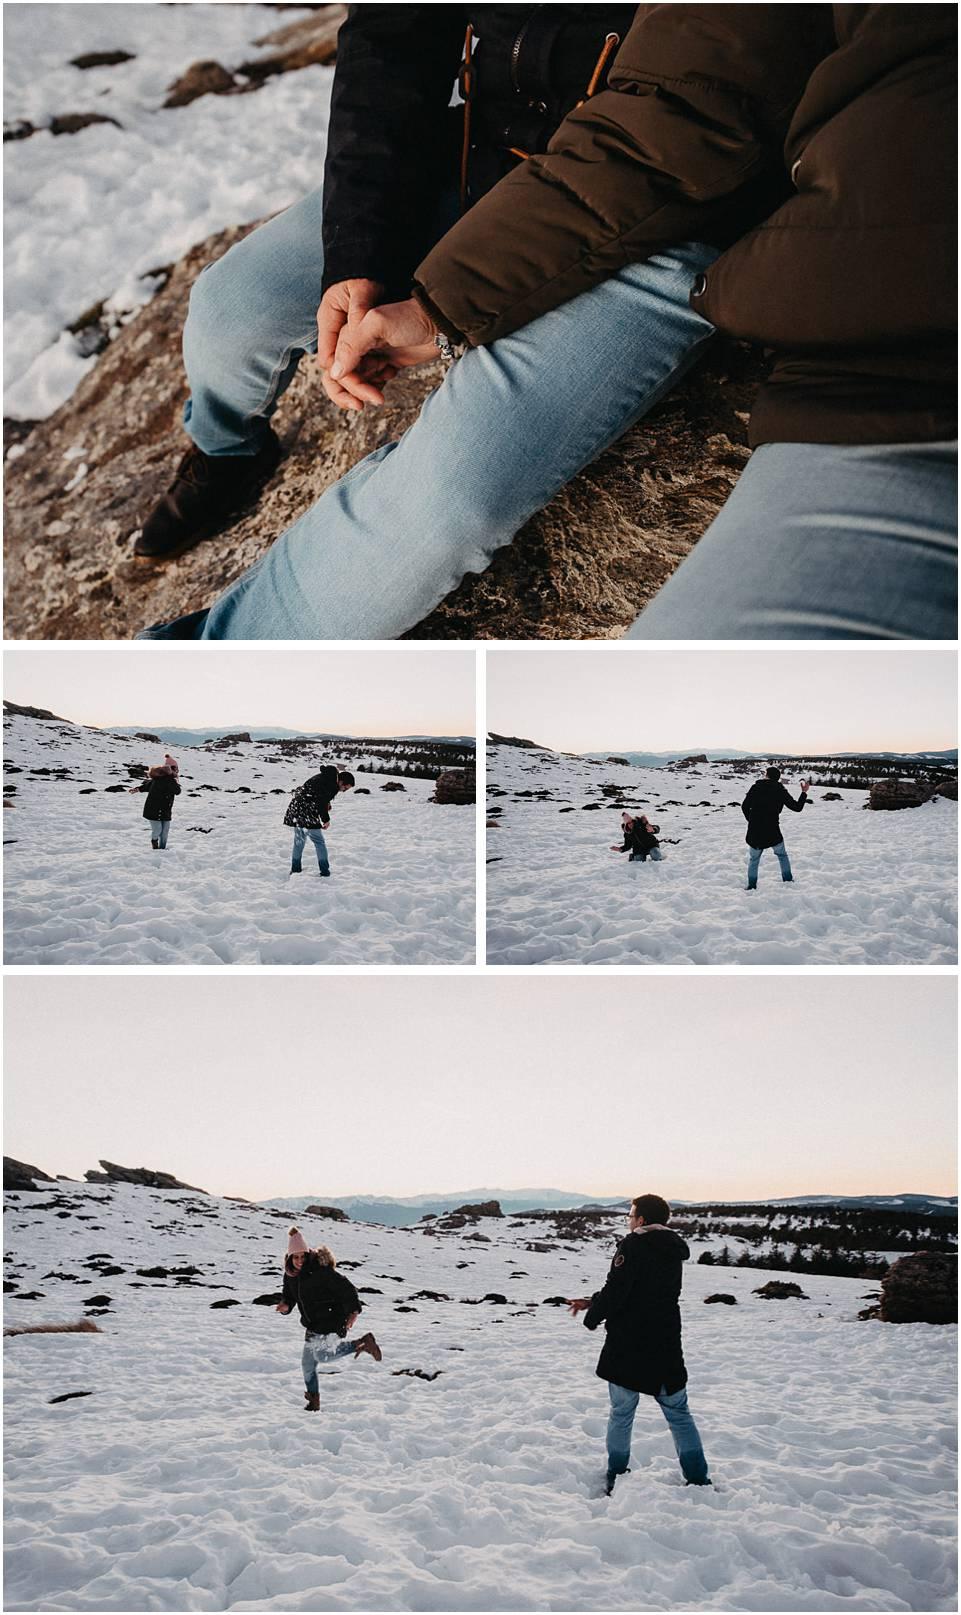 pareja jugando en la nieve